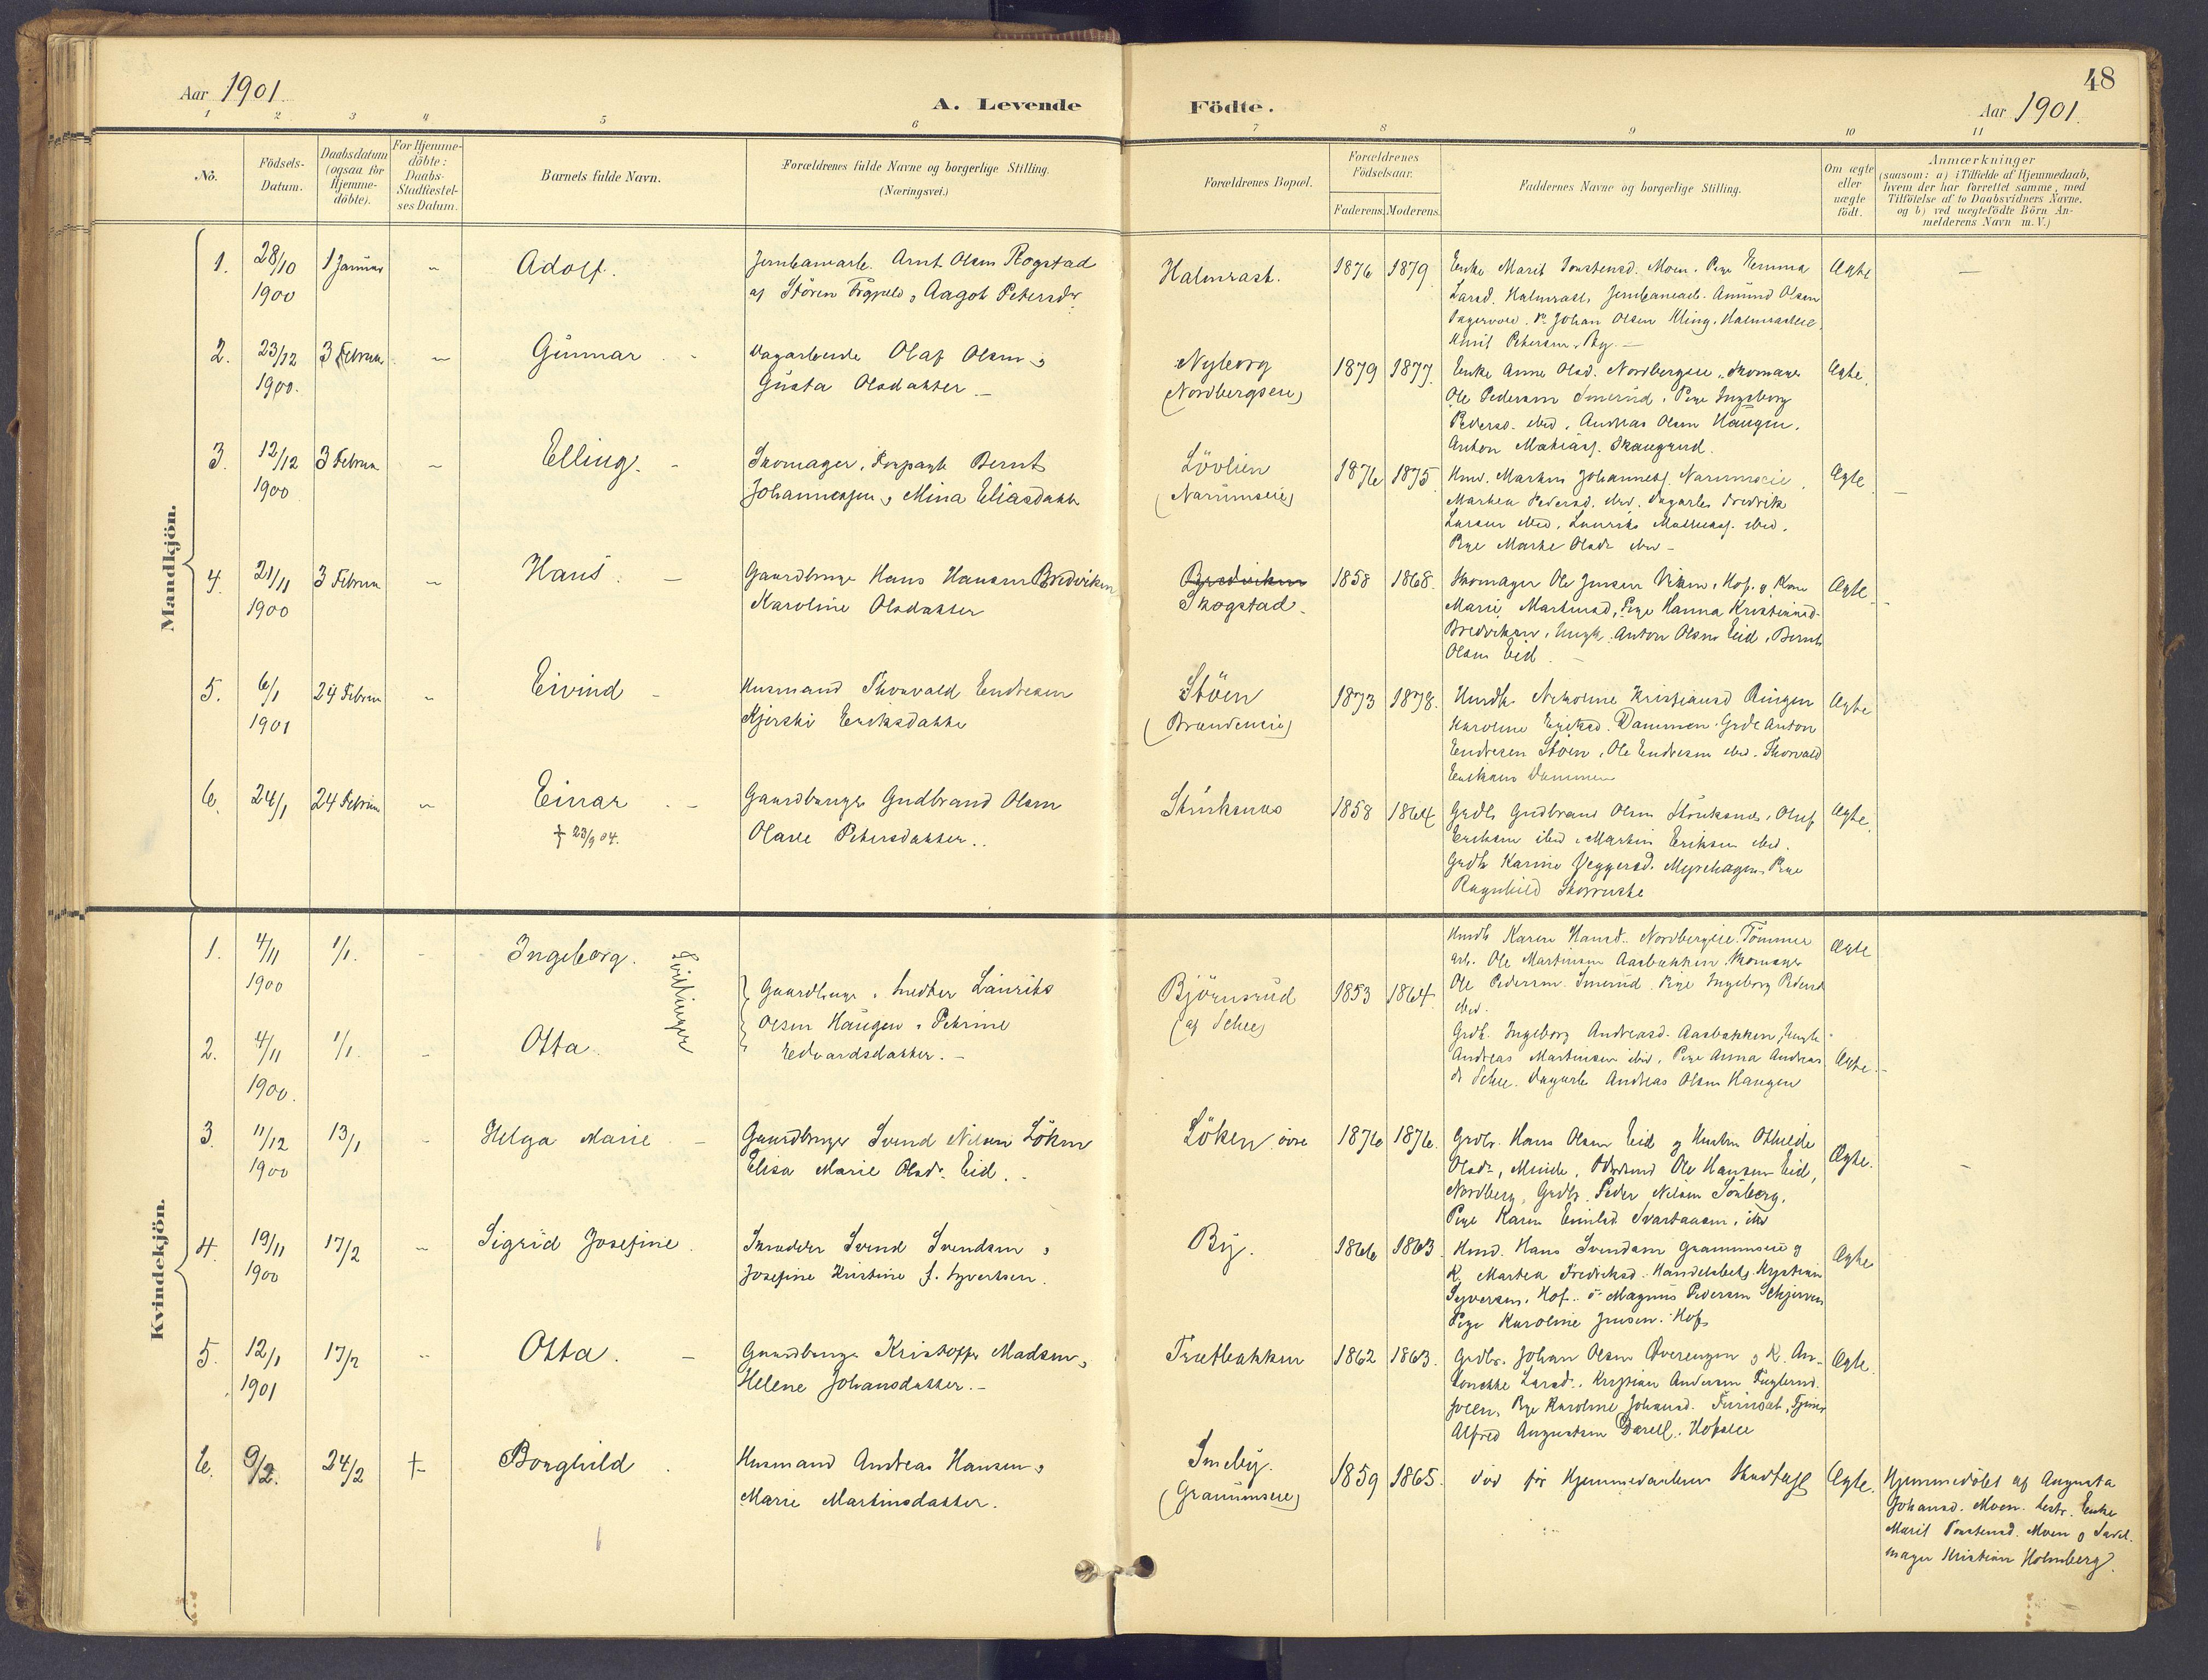 SAH, Søndre Land prestekontor, K/L0006: Parish register (official) no. 6, 1895-1904, p. 48